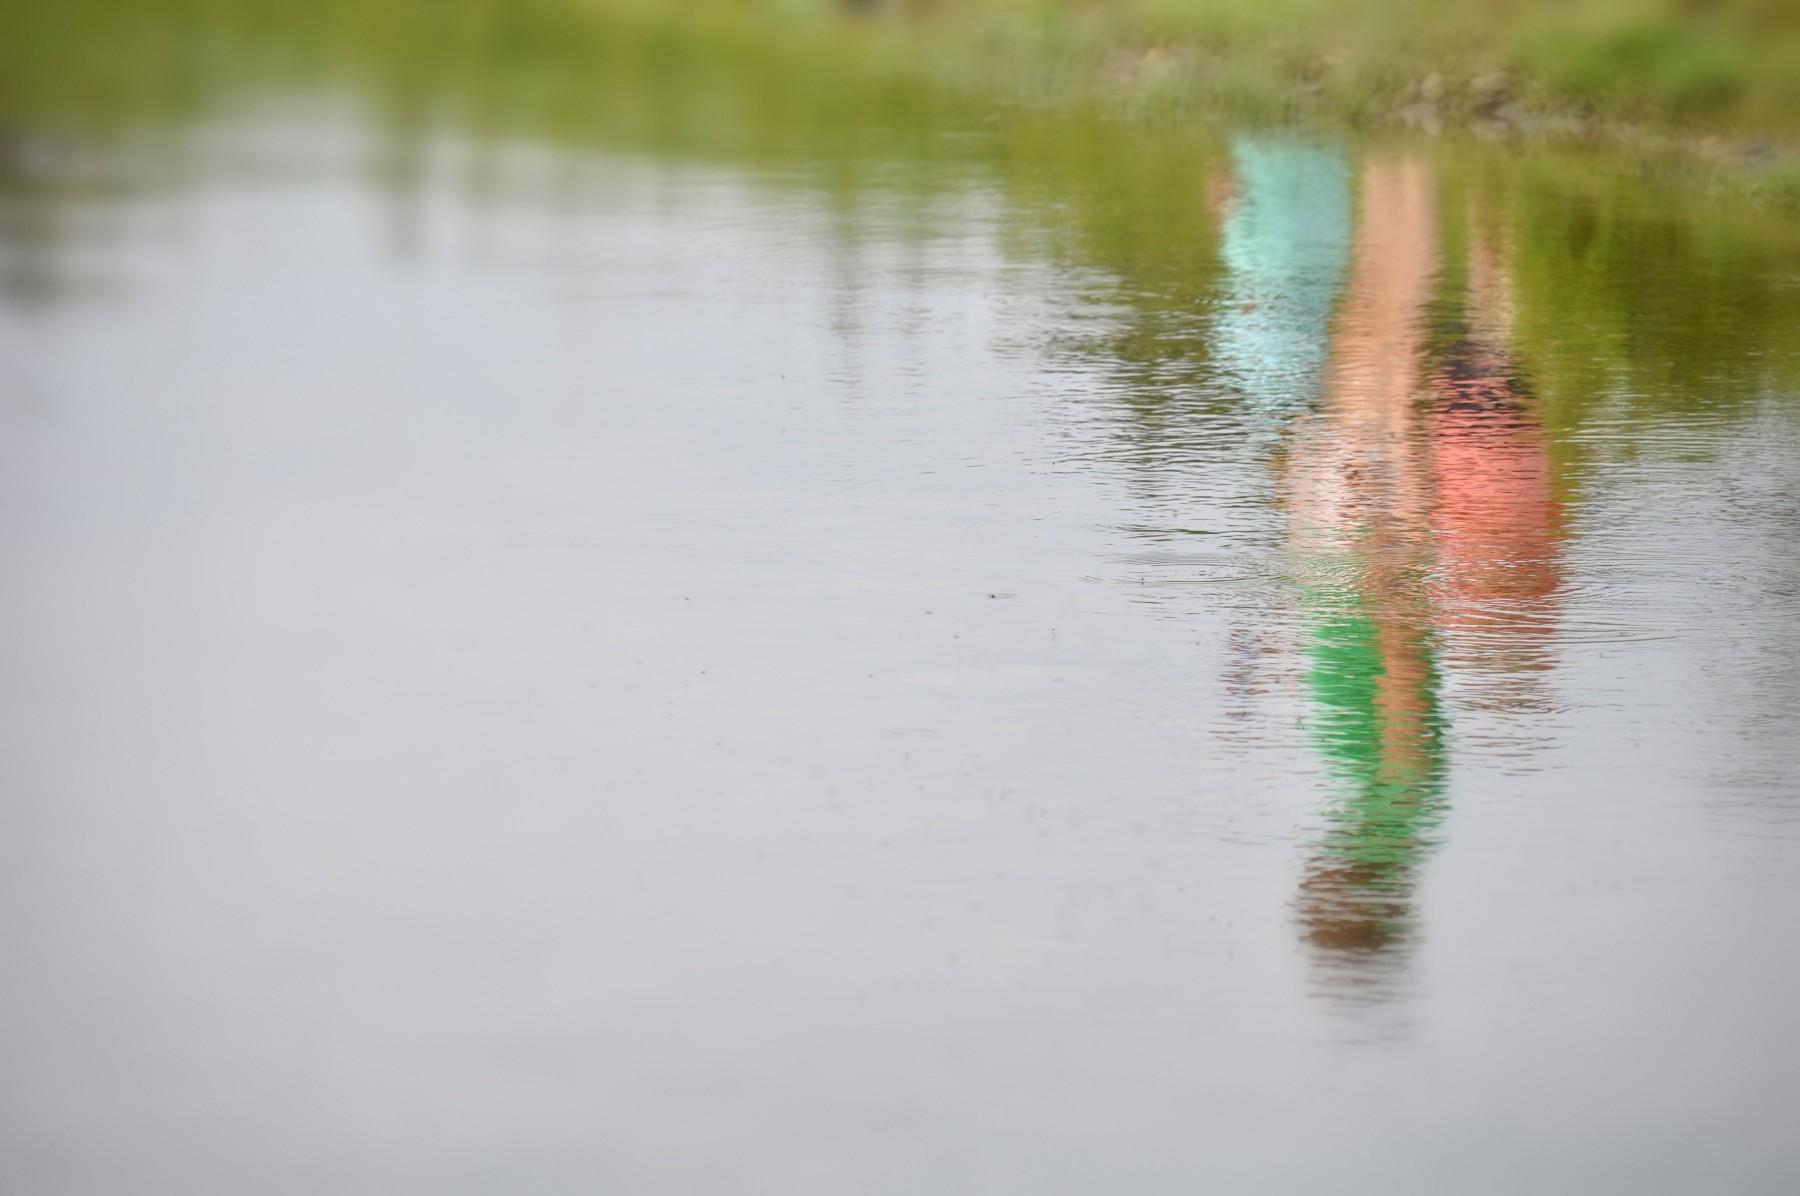 Bianca Dekkers-van Uden, langs de waterkant abstractie, Uiterwaarden Wageningen